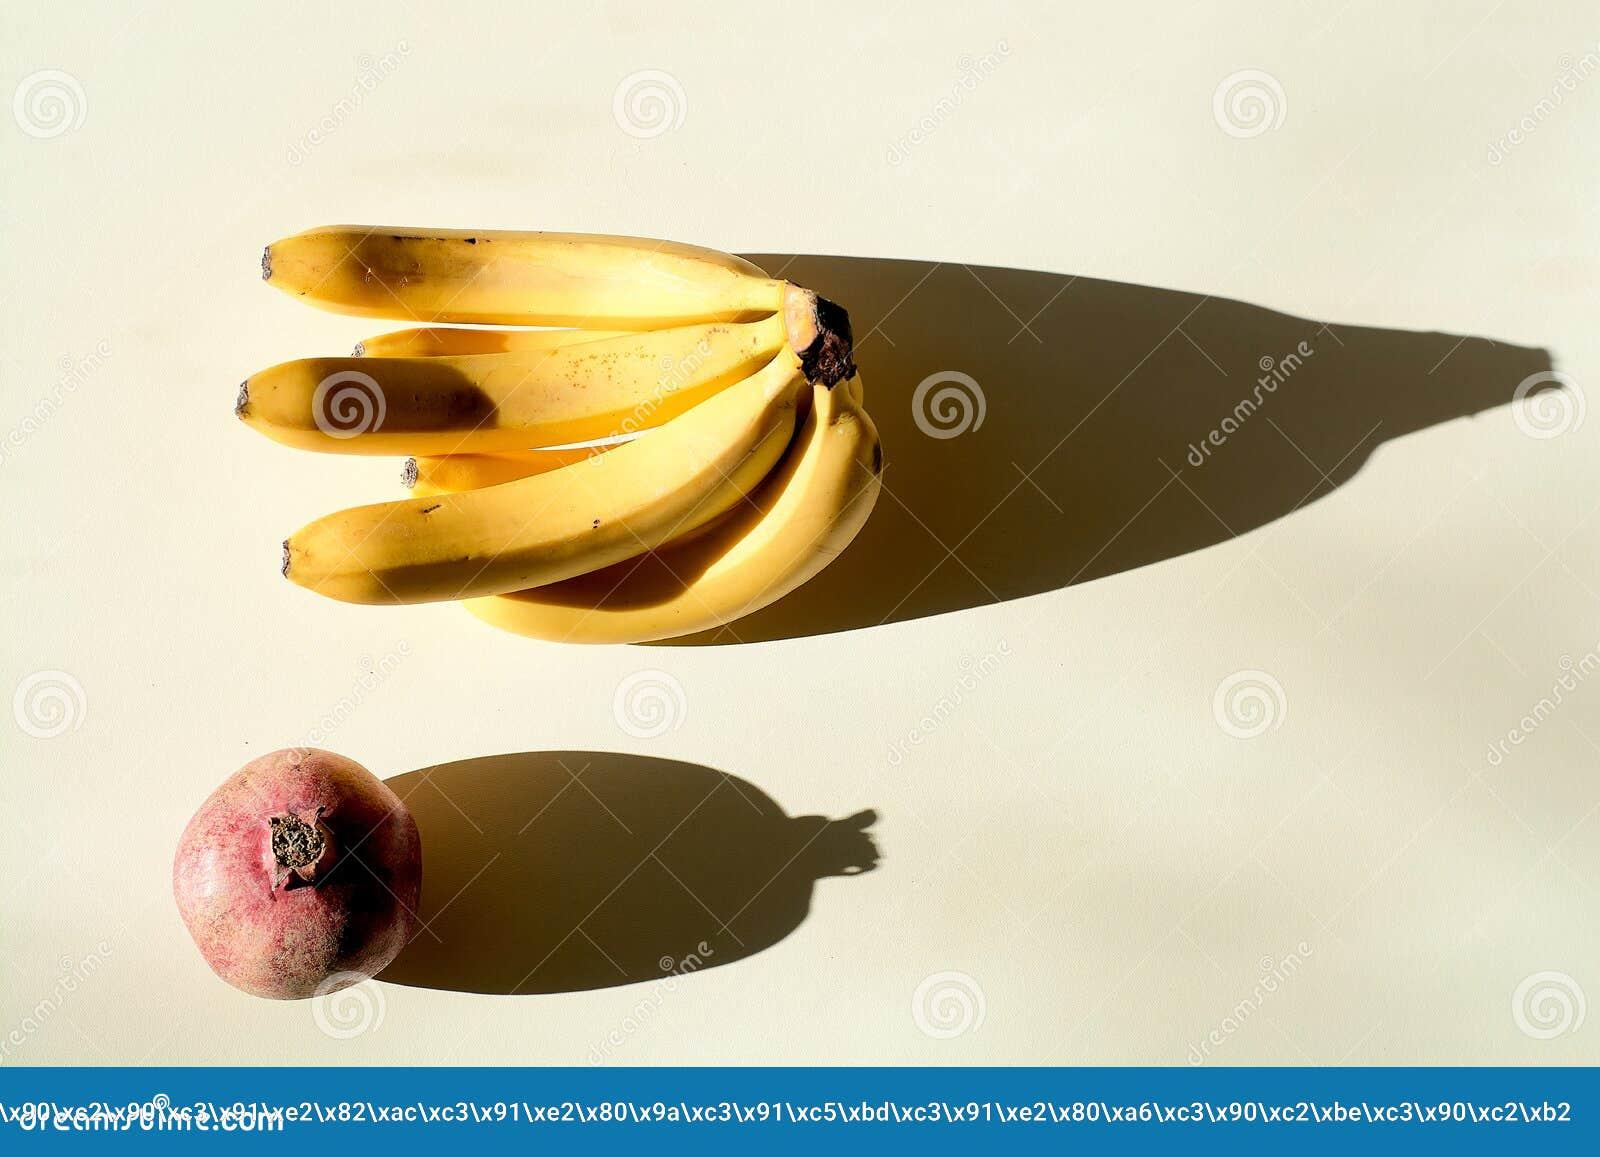 Гранатовое дерево и пук бананов зрелое красное сочное гранатовое дерево и зрелый пук бананов